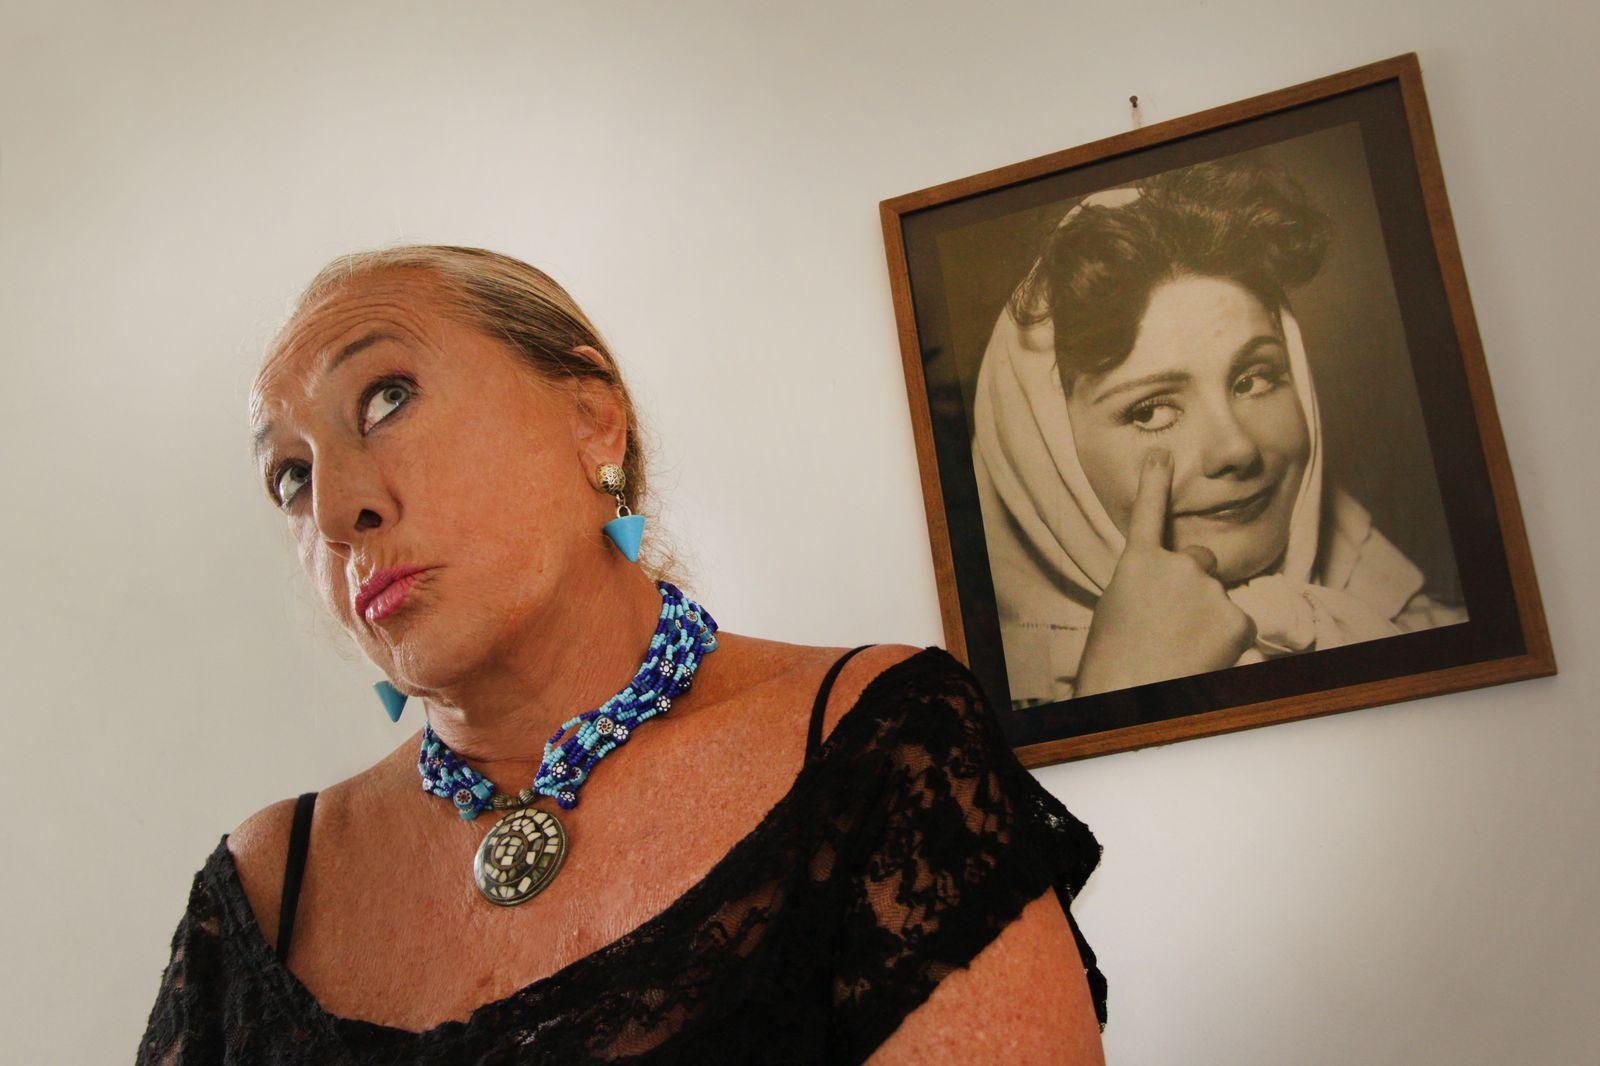 Silvana Montemurri Jugar A Vivir Todasantafe # Muebles Toibero Santa Fe